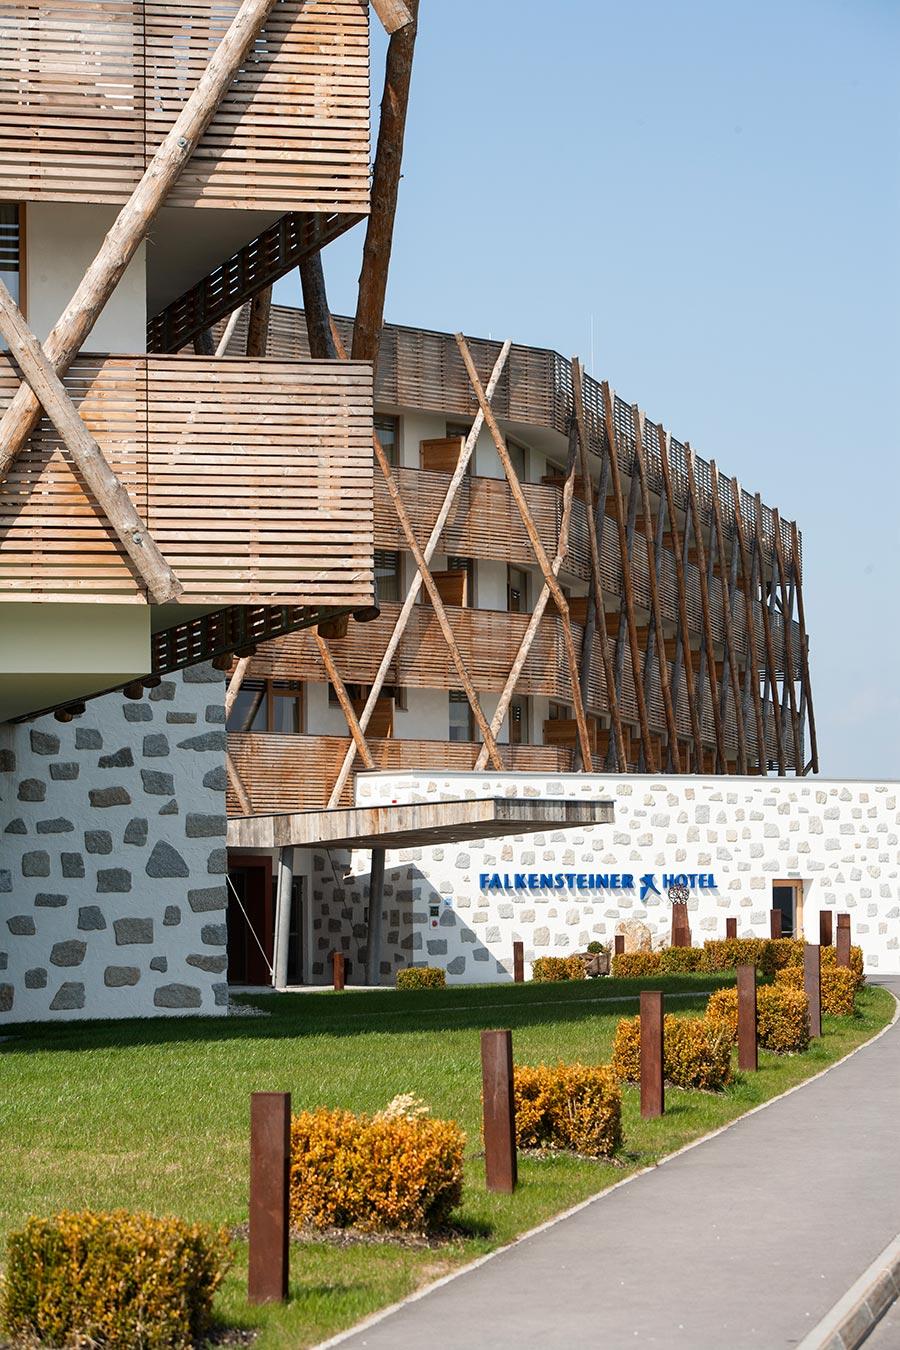 Falkensteiner Architektur